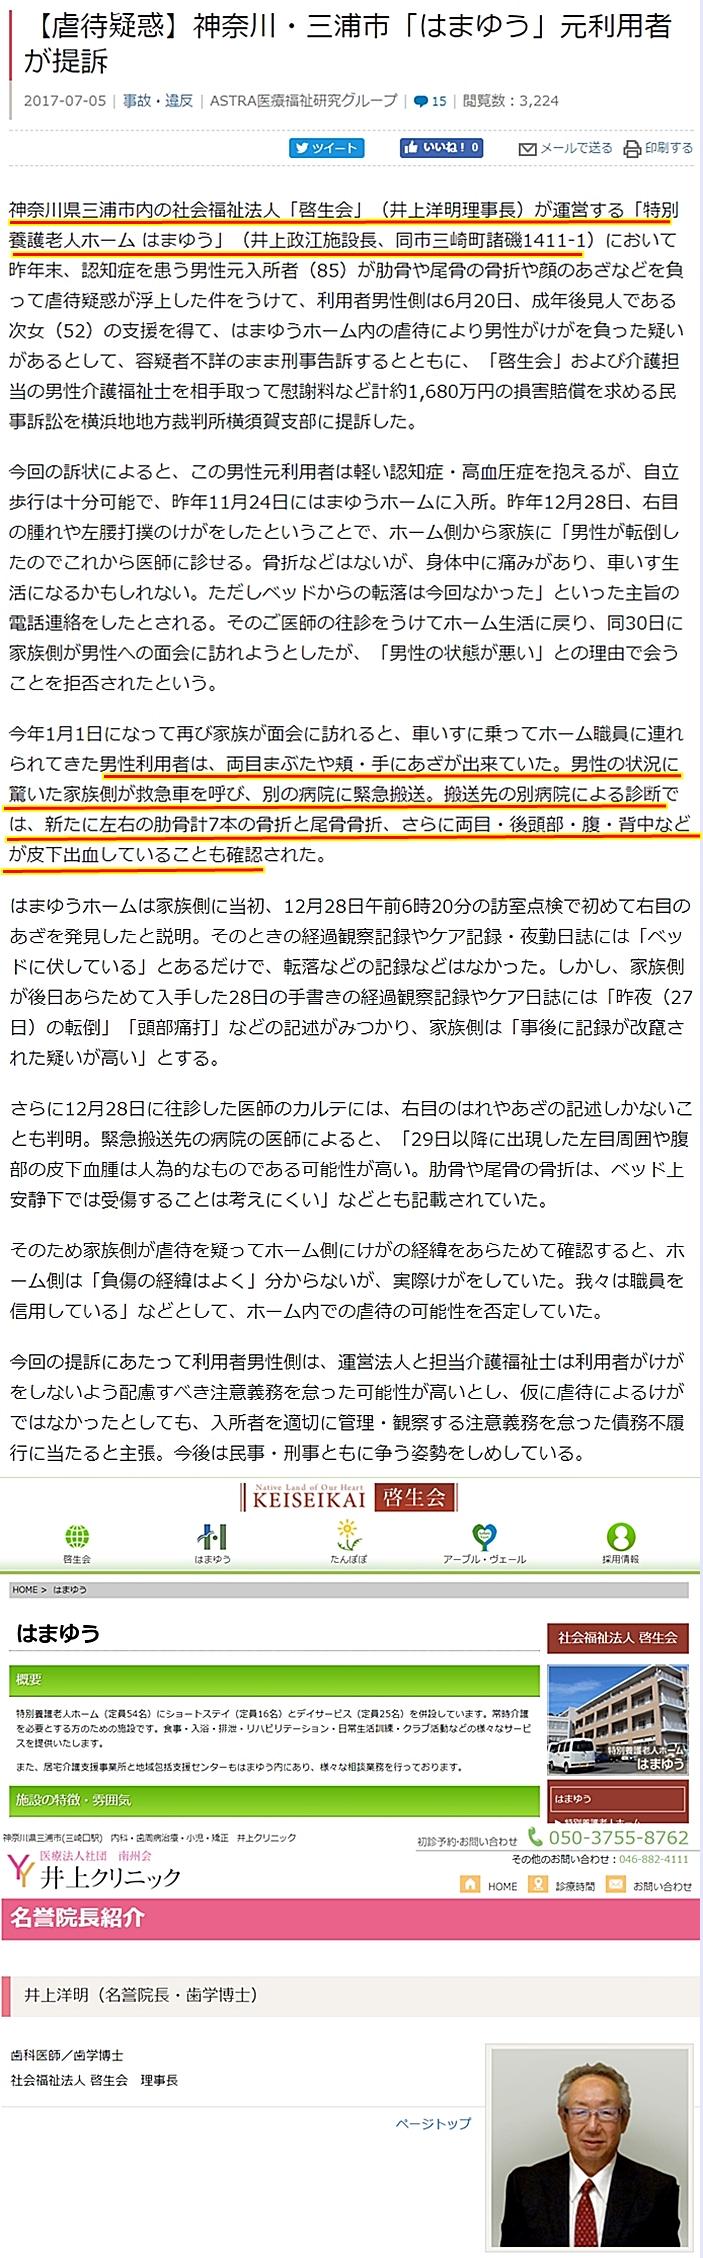 社会福祉法人 啓生会 はまゆう 理事長 井上洋明